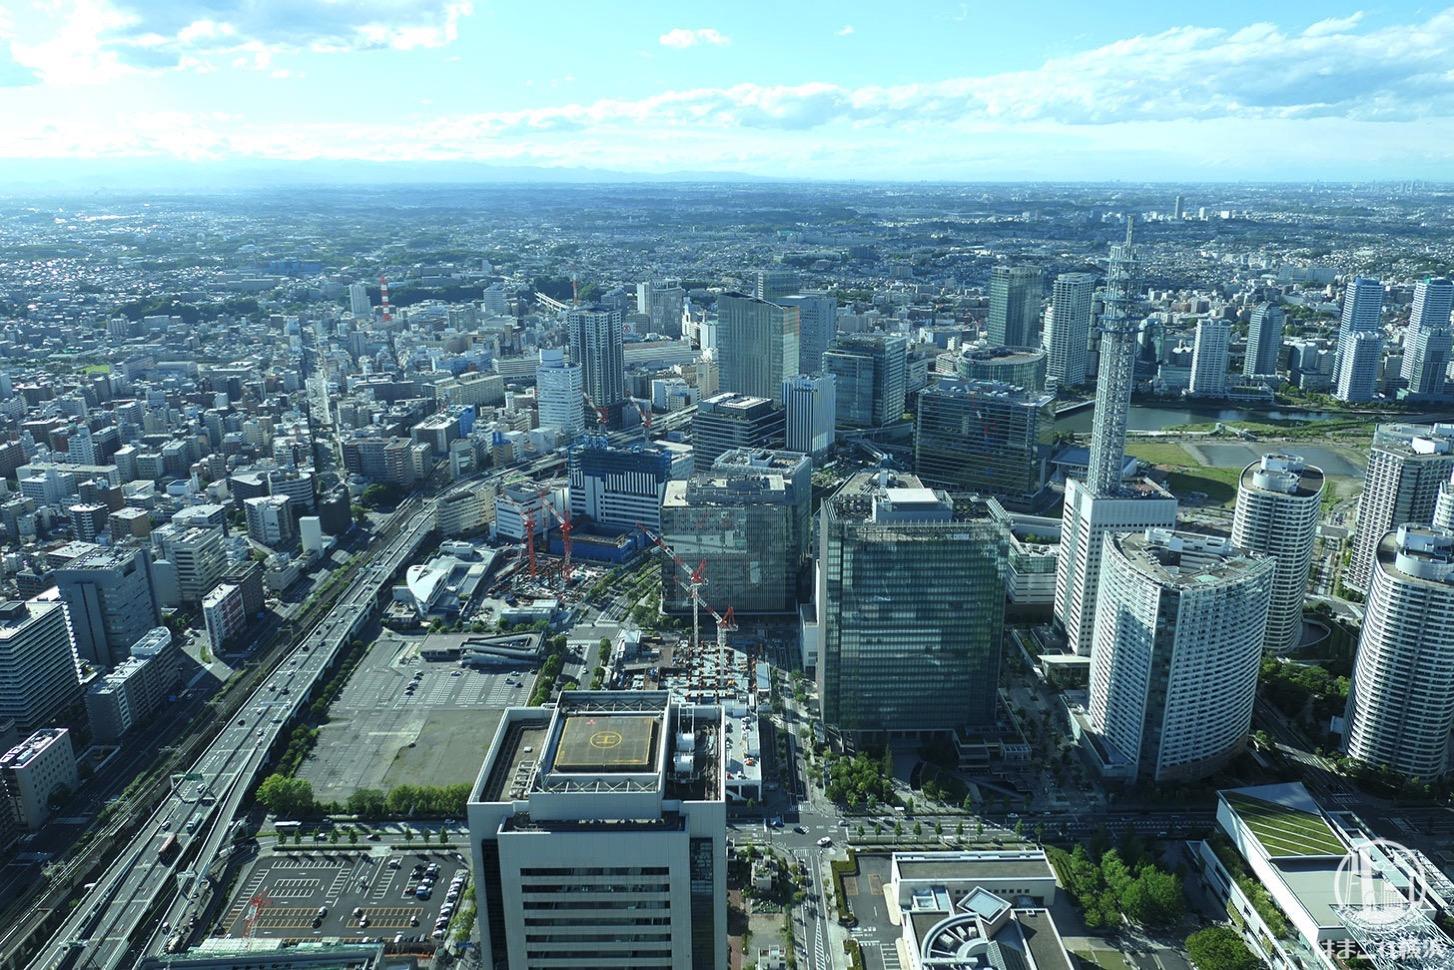 展望フロア「スカイガーデン」から見た横浜駅側